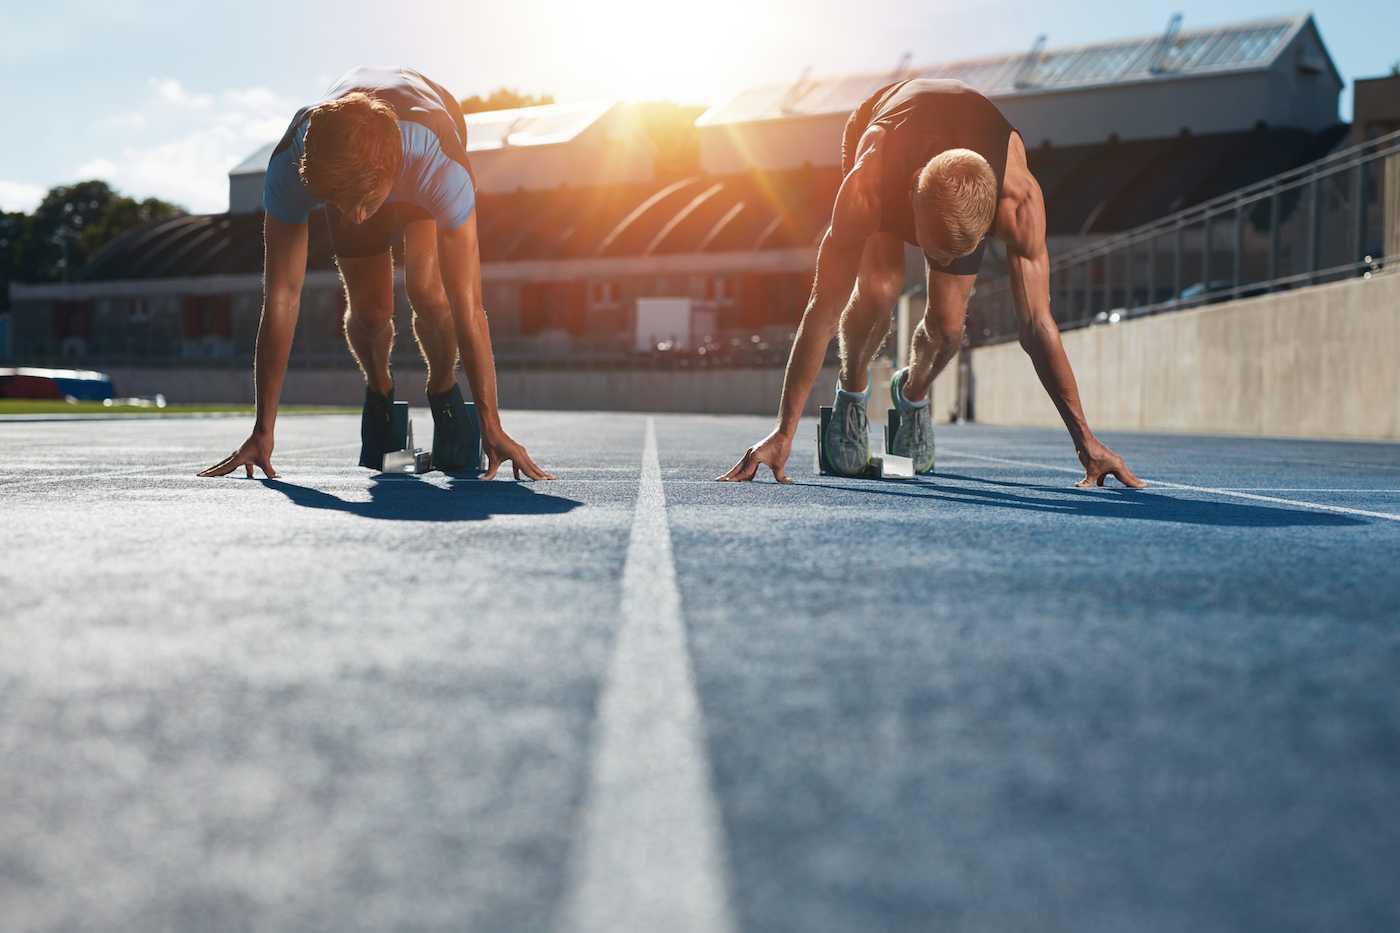 Kisajännitys tulee esiin usein erityisesti yksilöurheilussa. Joukkueurheilusssa haasteita aiheuttaa jäsenten eritasoinen latautuneisuus otteluissa.